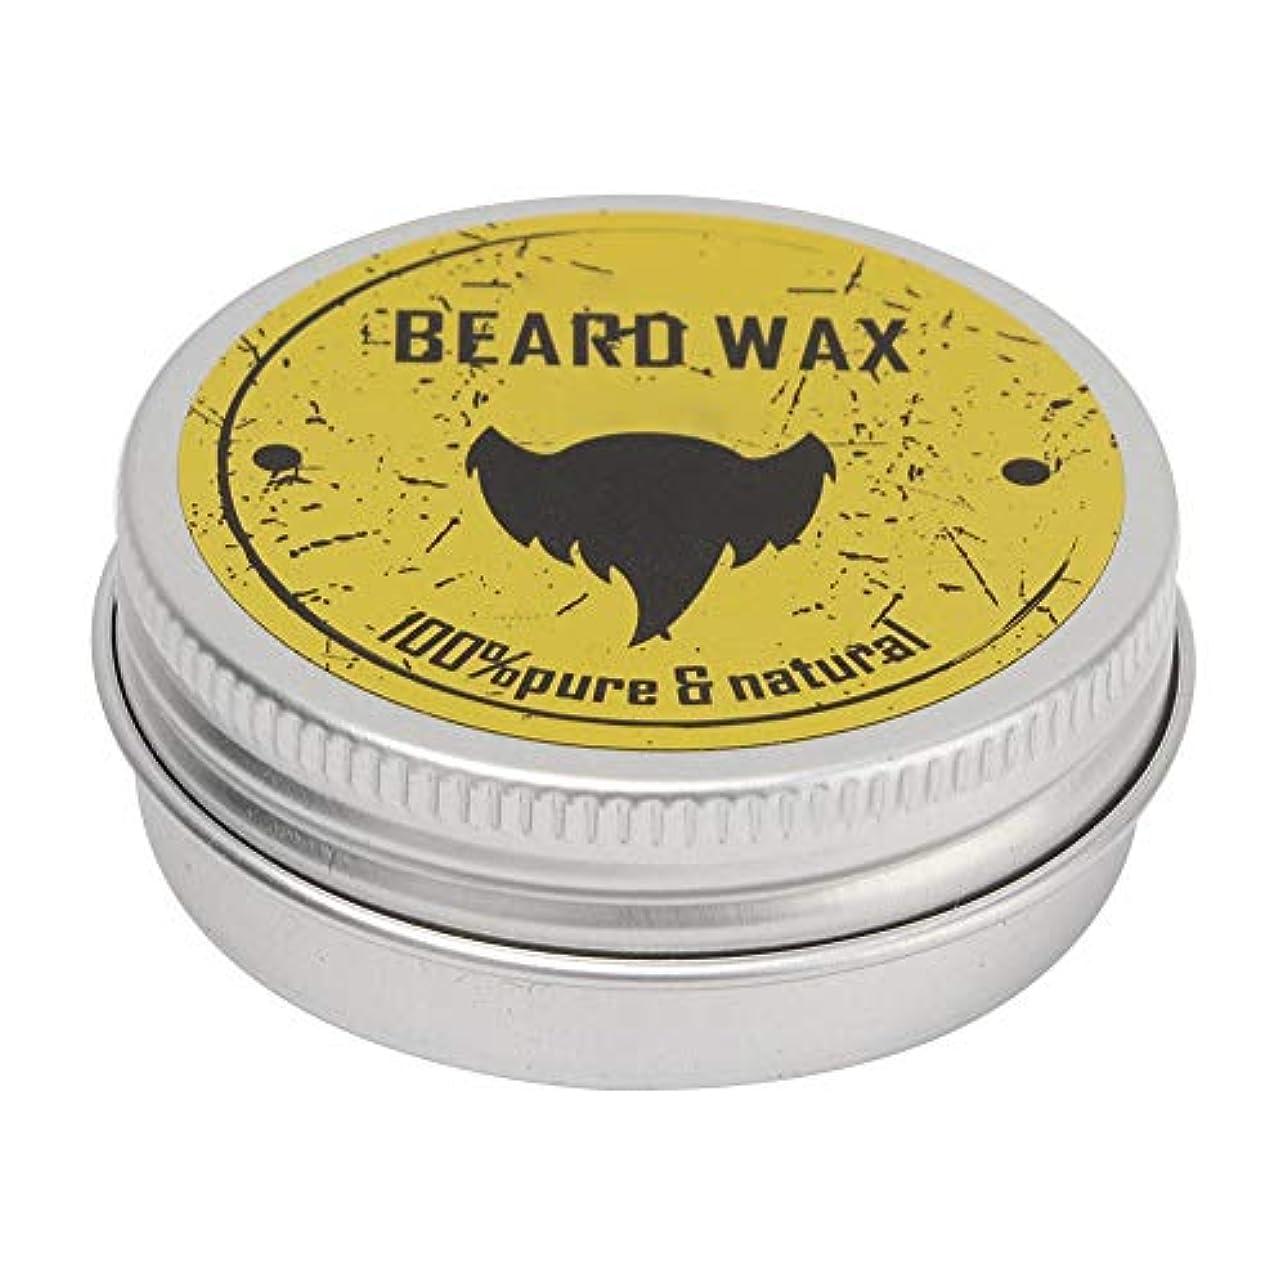 前セージ負ひげの心配の香油、30mlひげの心配の人のひげの手入れをすることの男性の口ひげの心配のための保湿ワックスを手入れをすること